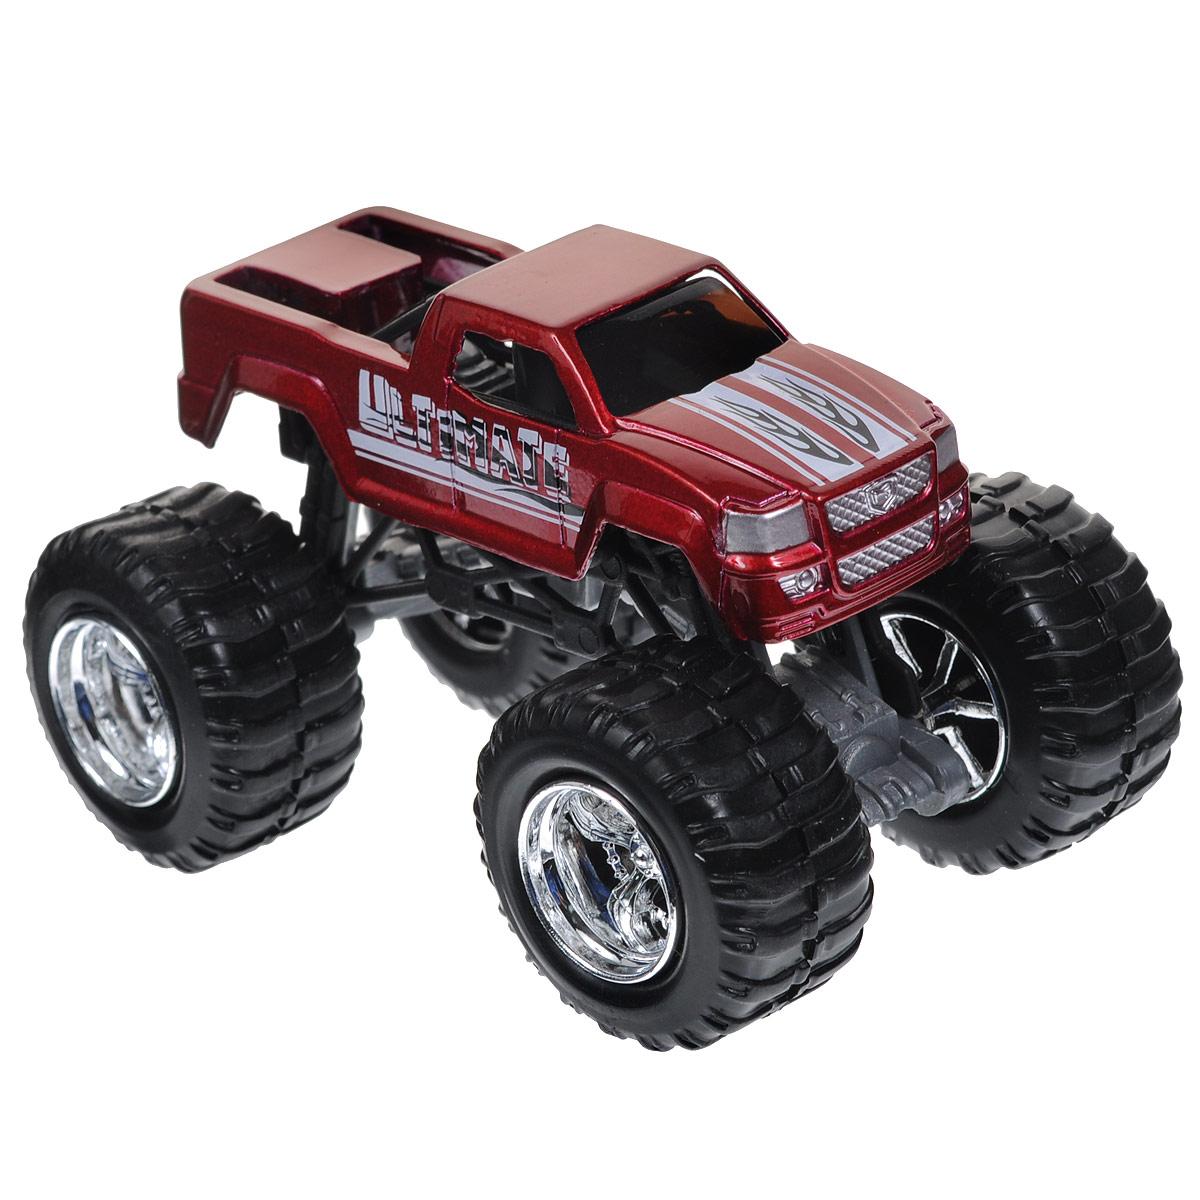 Купить Машинка MotorMax Багги , цвет: красный, MOTORMAX TOY FACTORY, Машинки